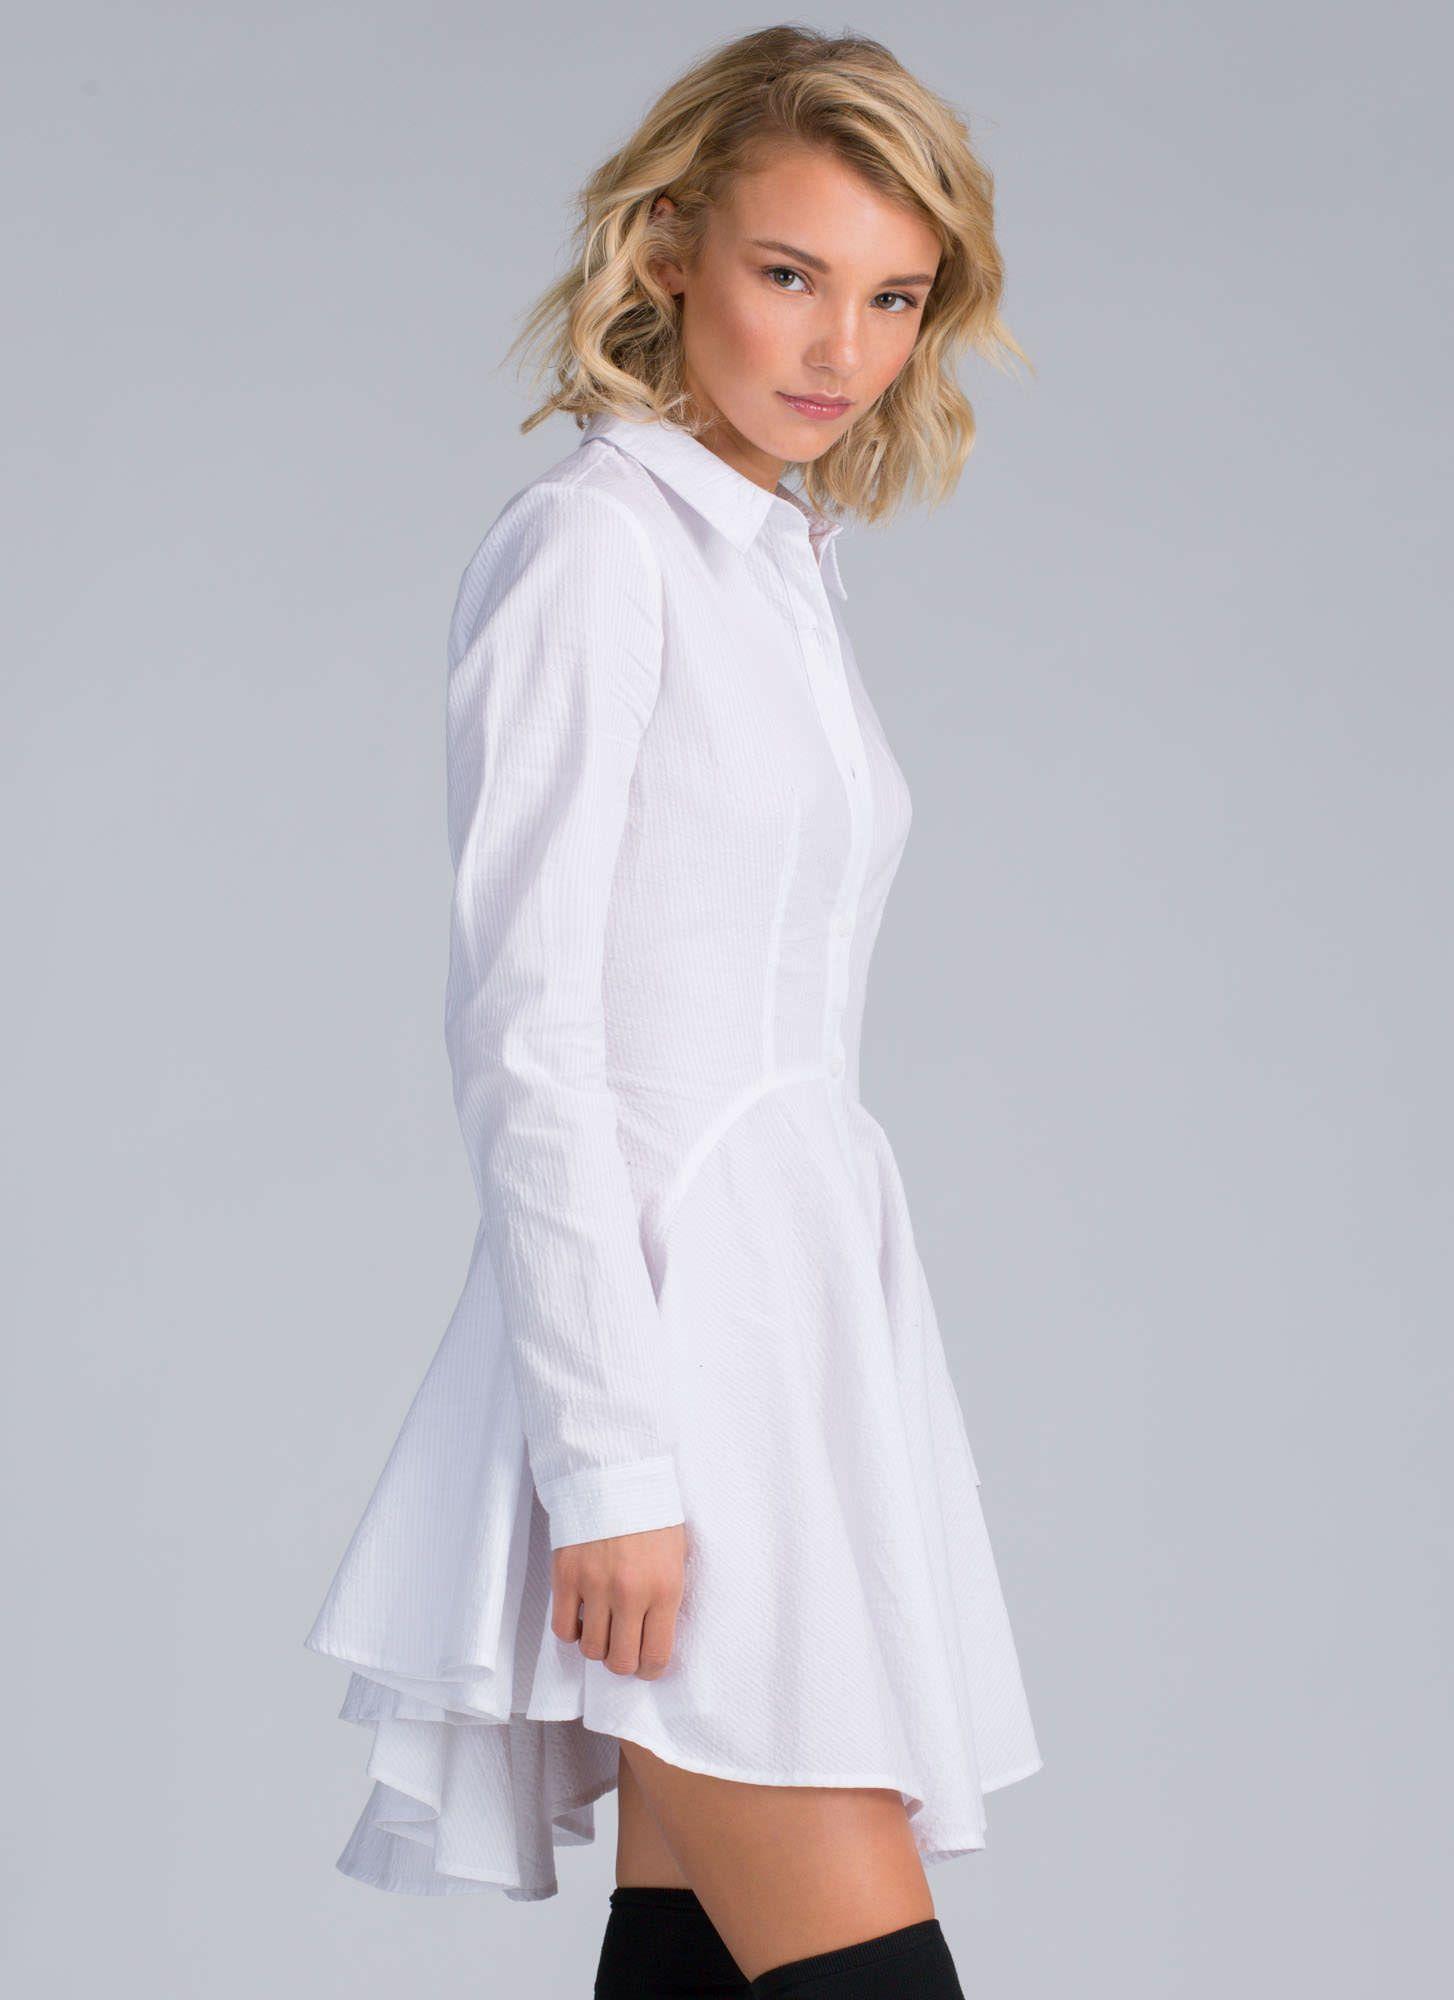 White collared shirt dress